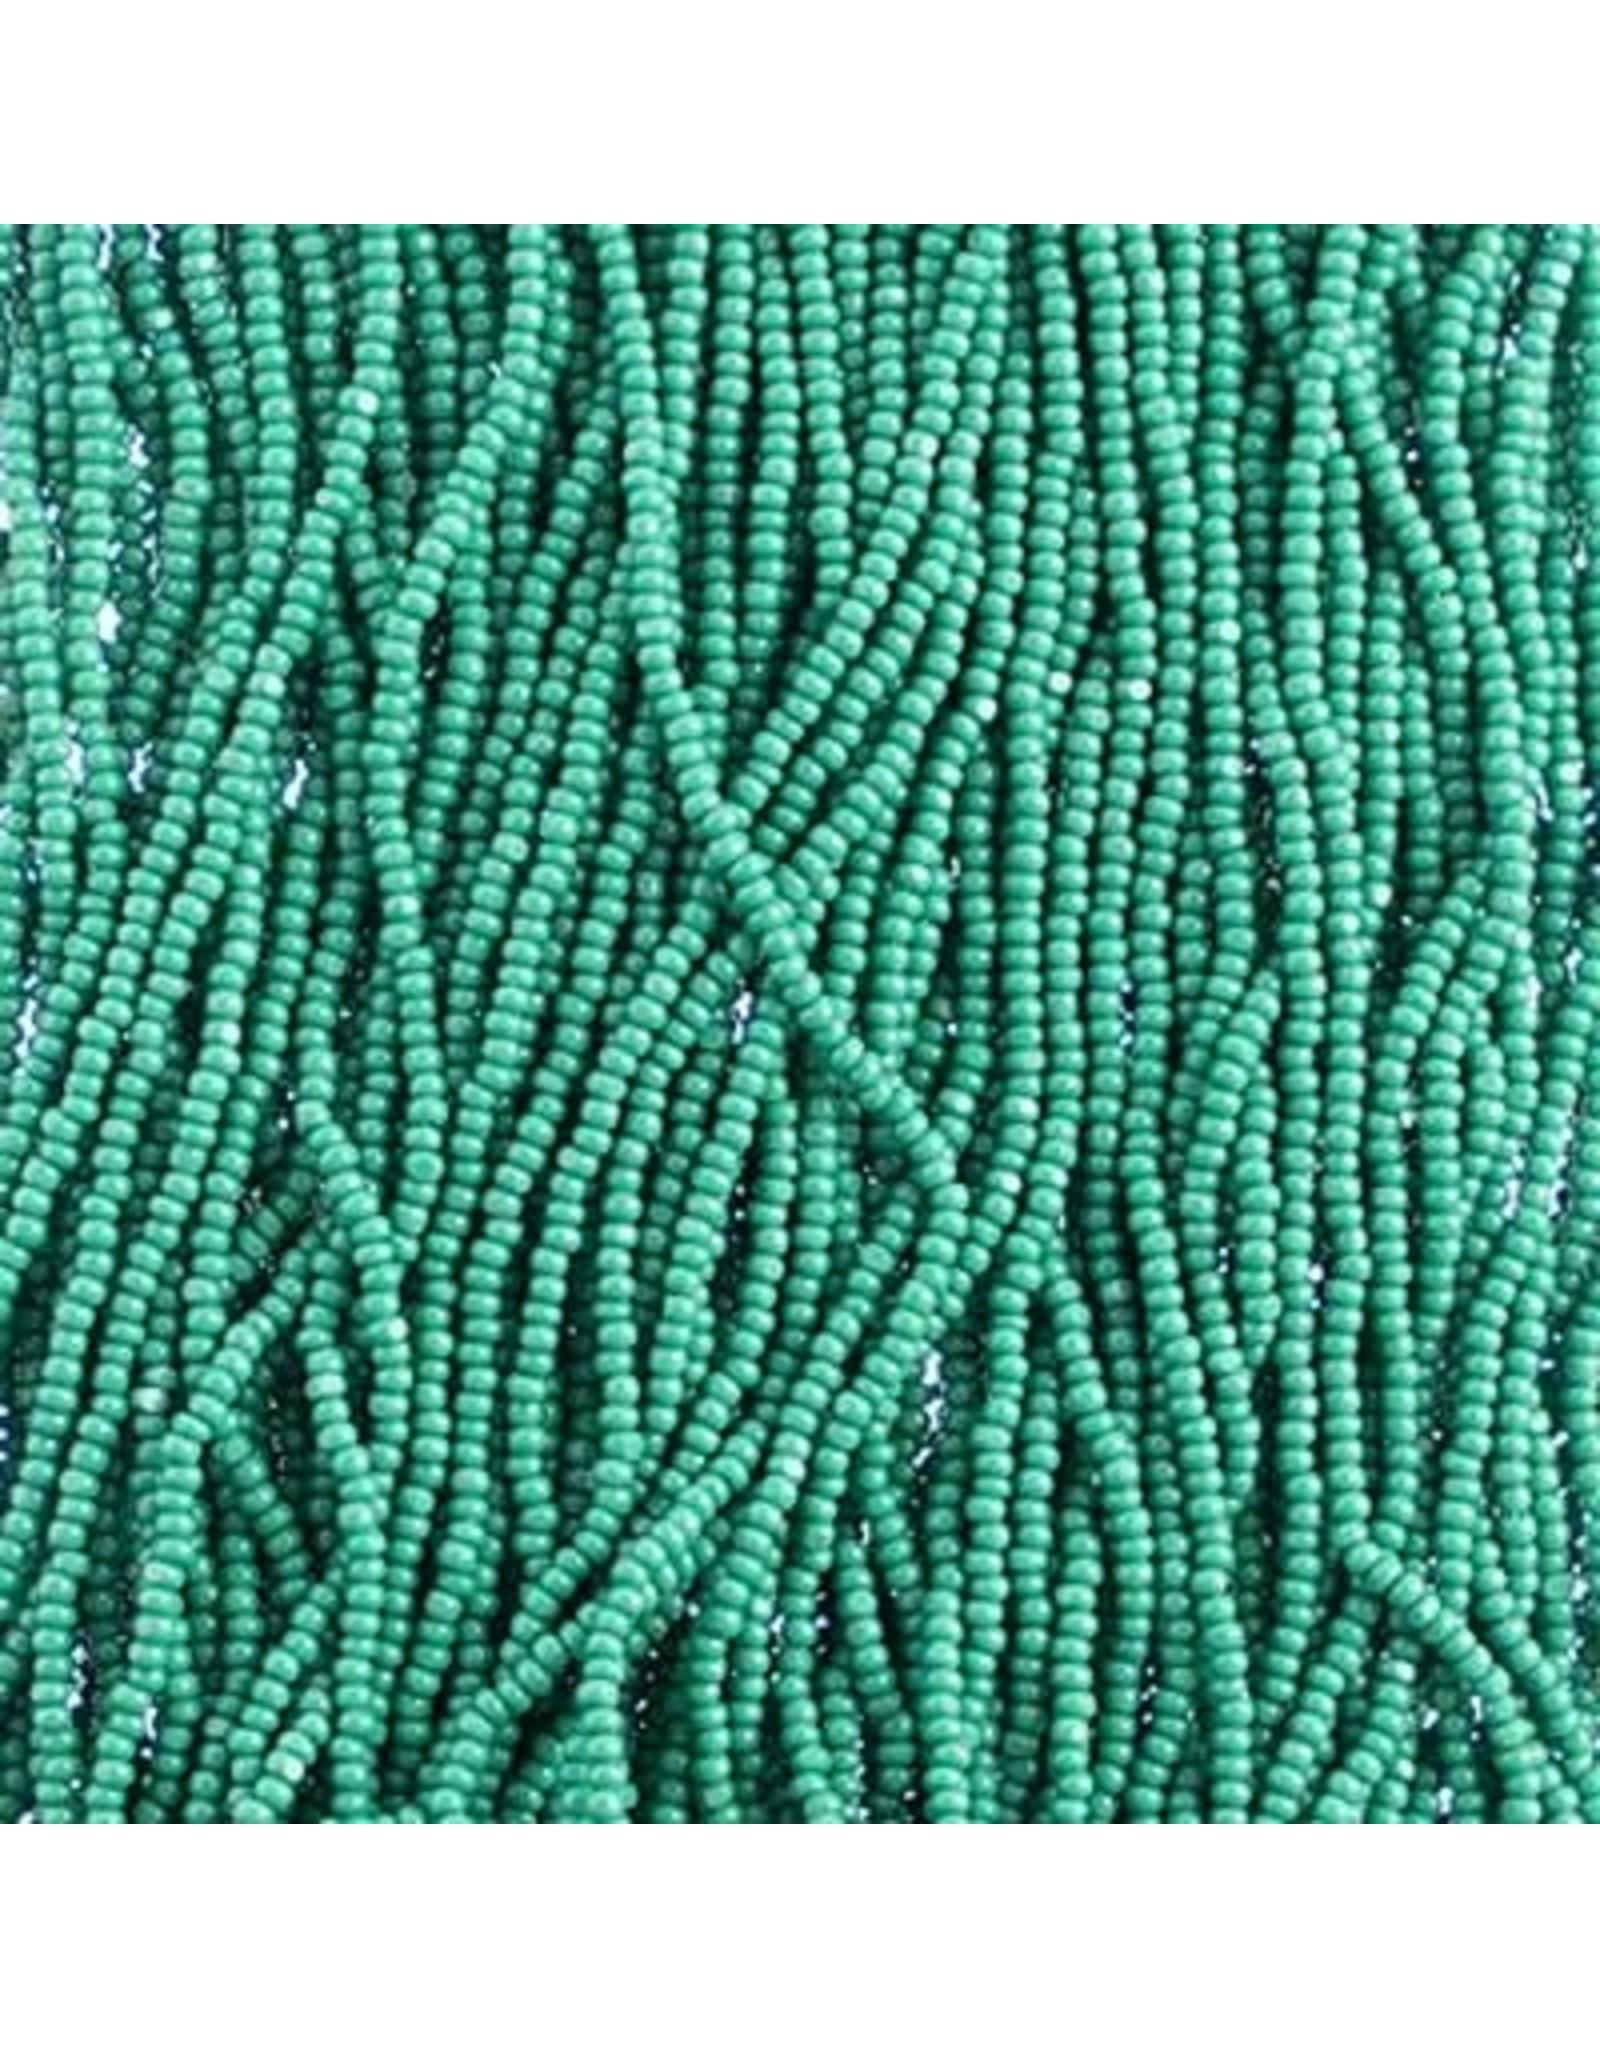 Czech 601097 13/0 Charlotte Cut Seed Hank 12g Opaque Medium Green